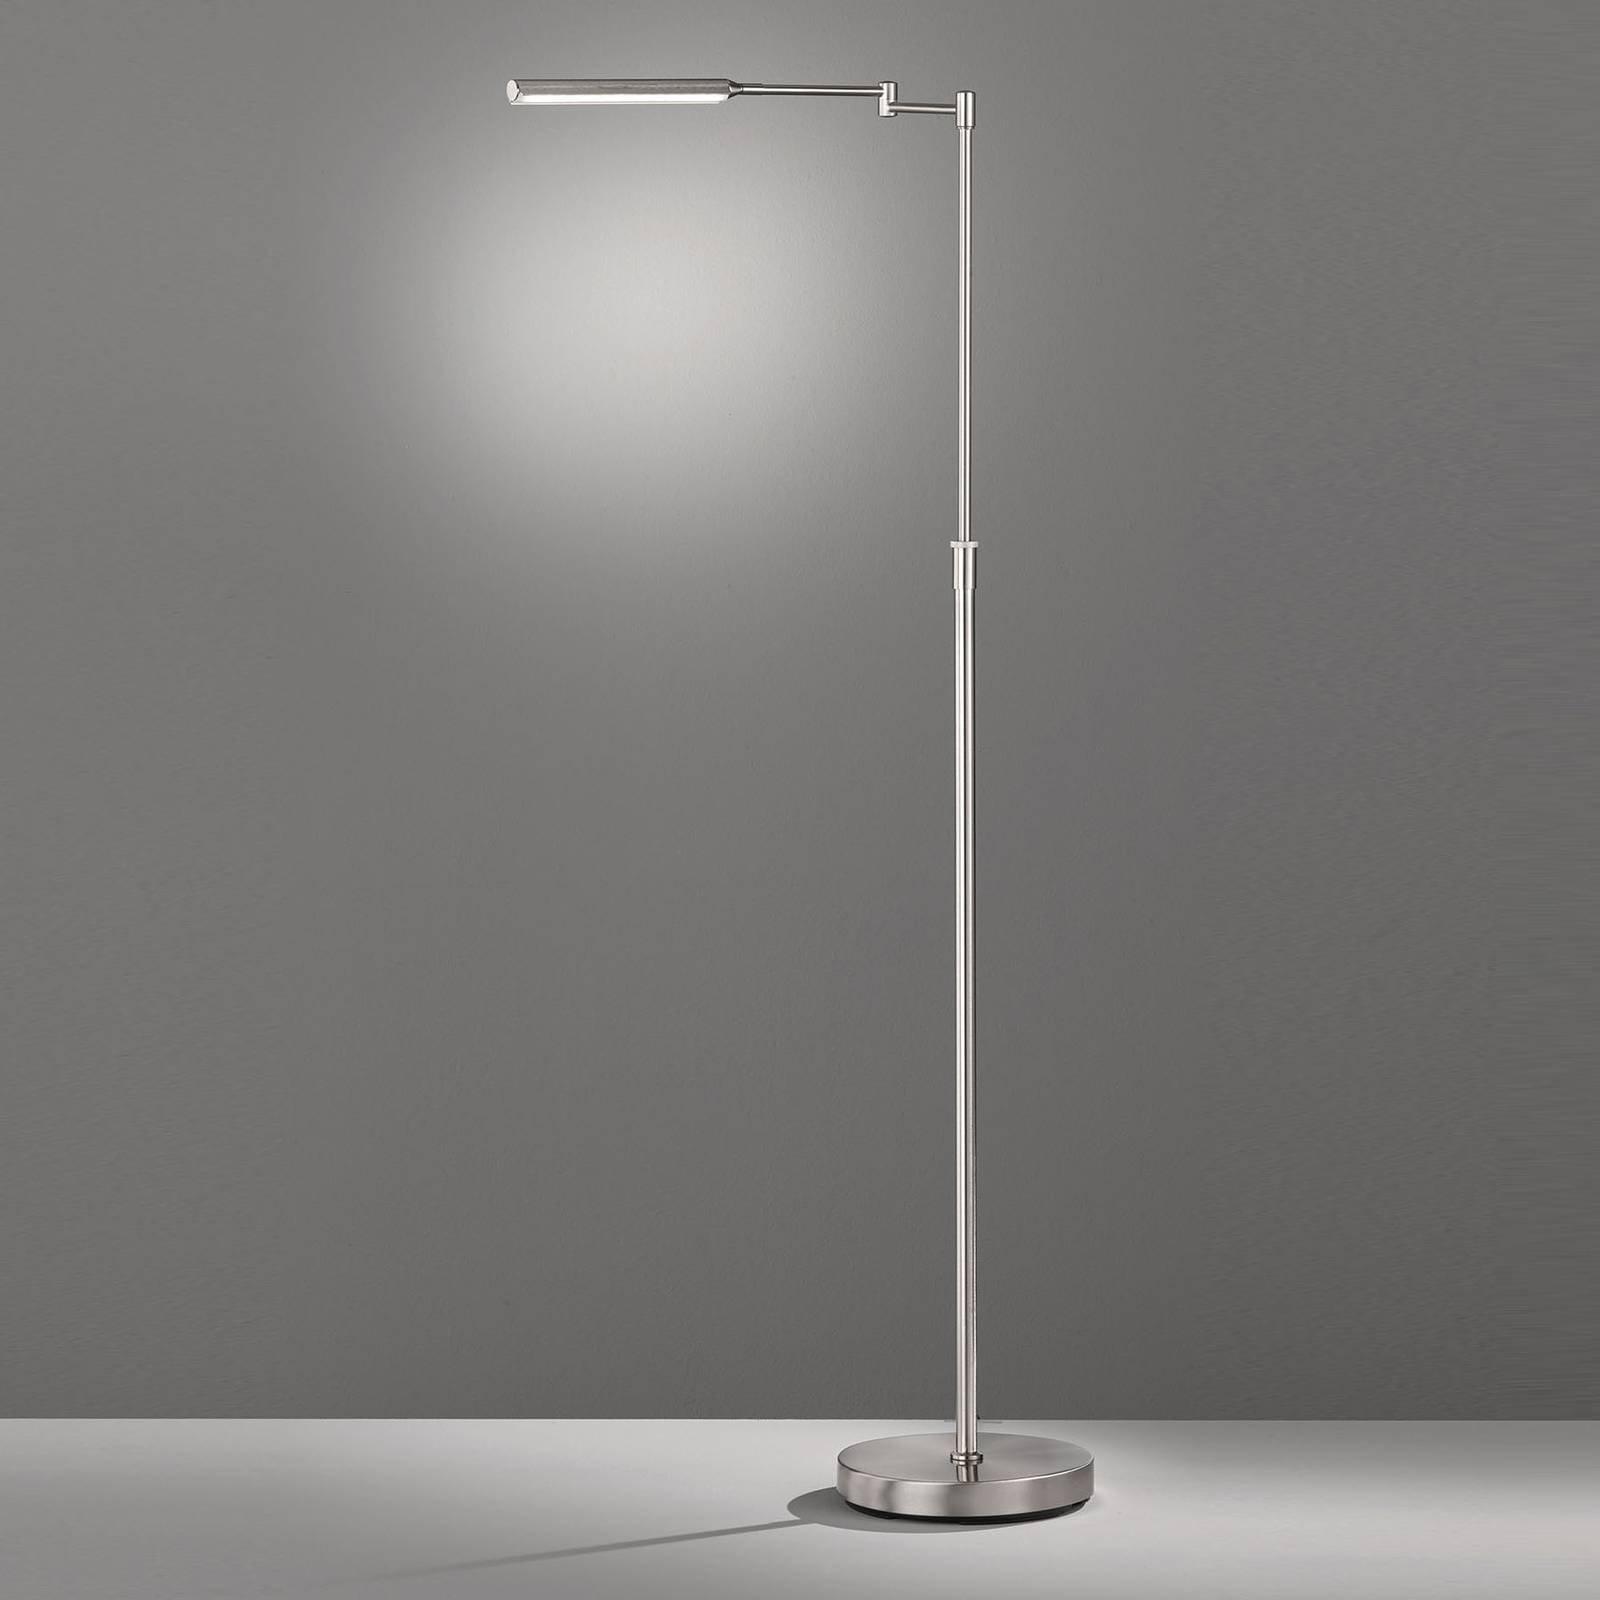 LED-gulvlampe Nami med fotdimmer, nikkelfarget